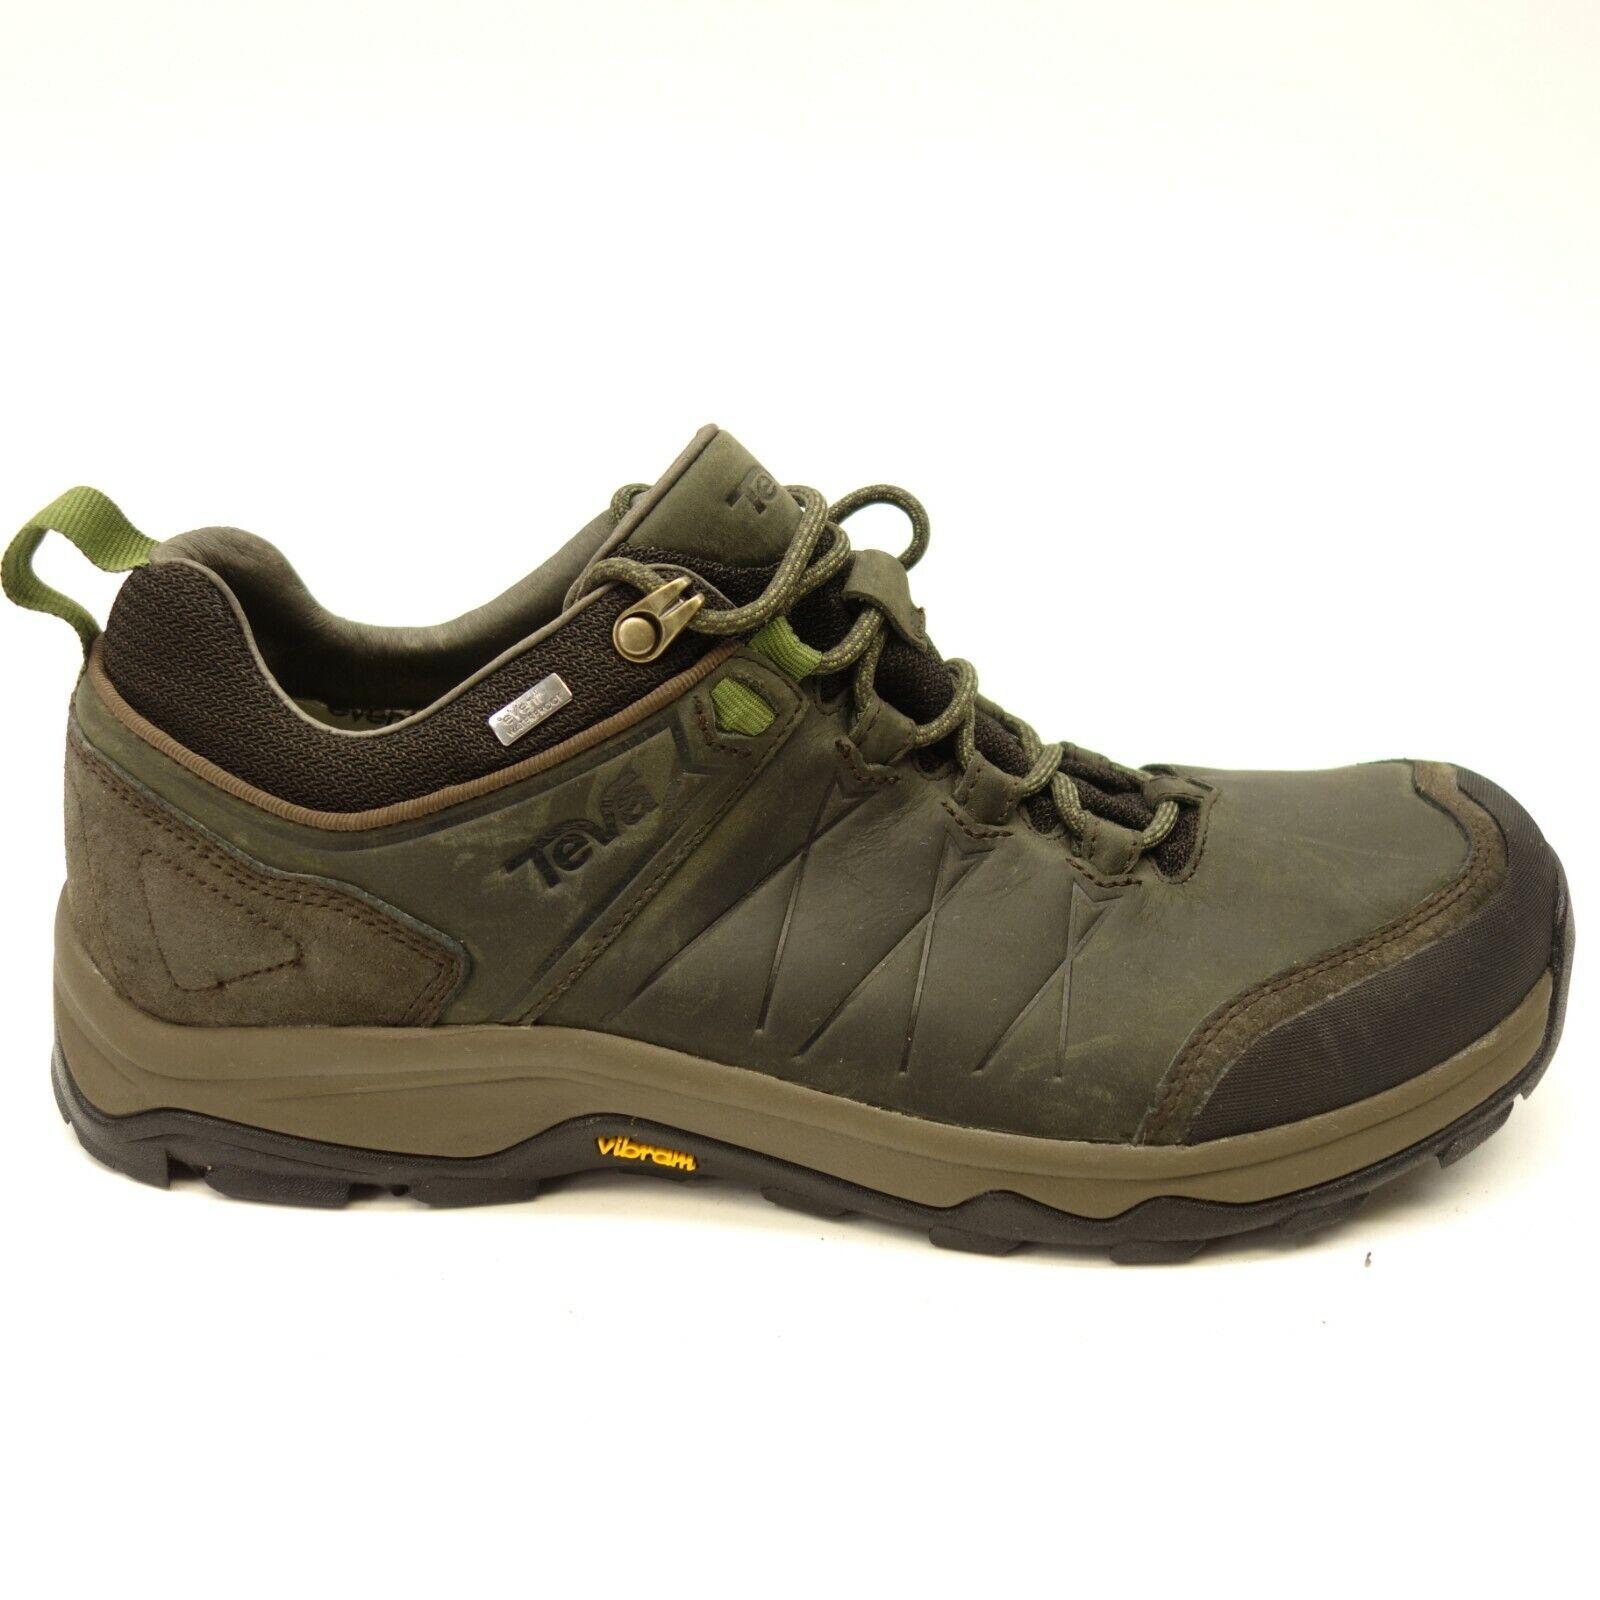 punto de venta de la marca Teva Teva Teva Para Hombre Arrowood Riva evento impermeable deportiva para Senderismo y zapatos  opciones a bajo precio